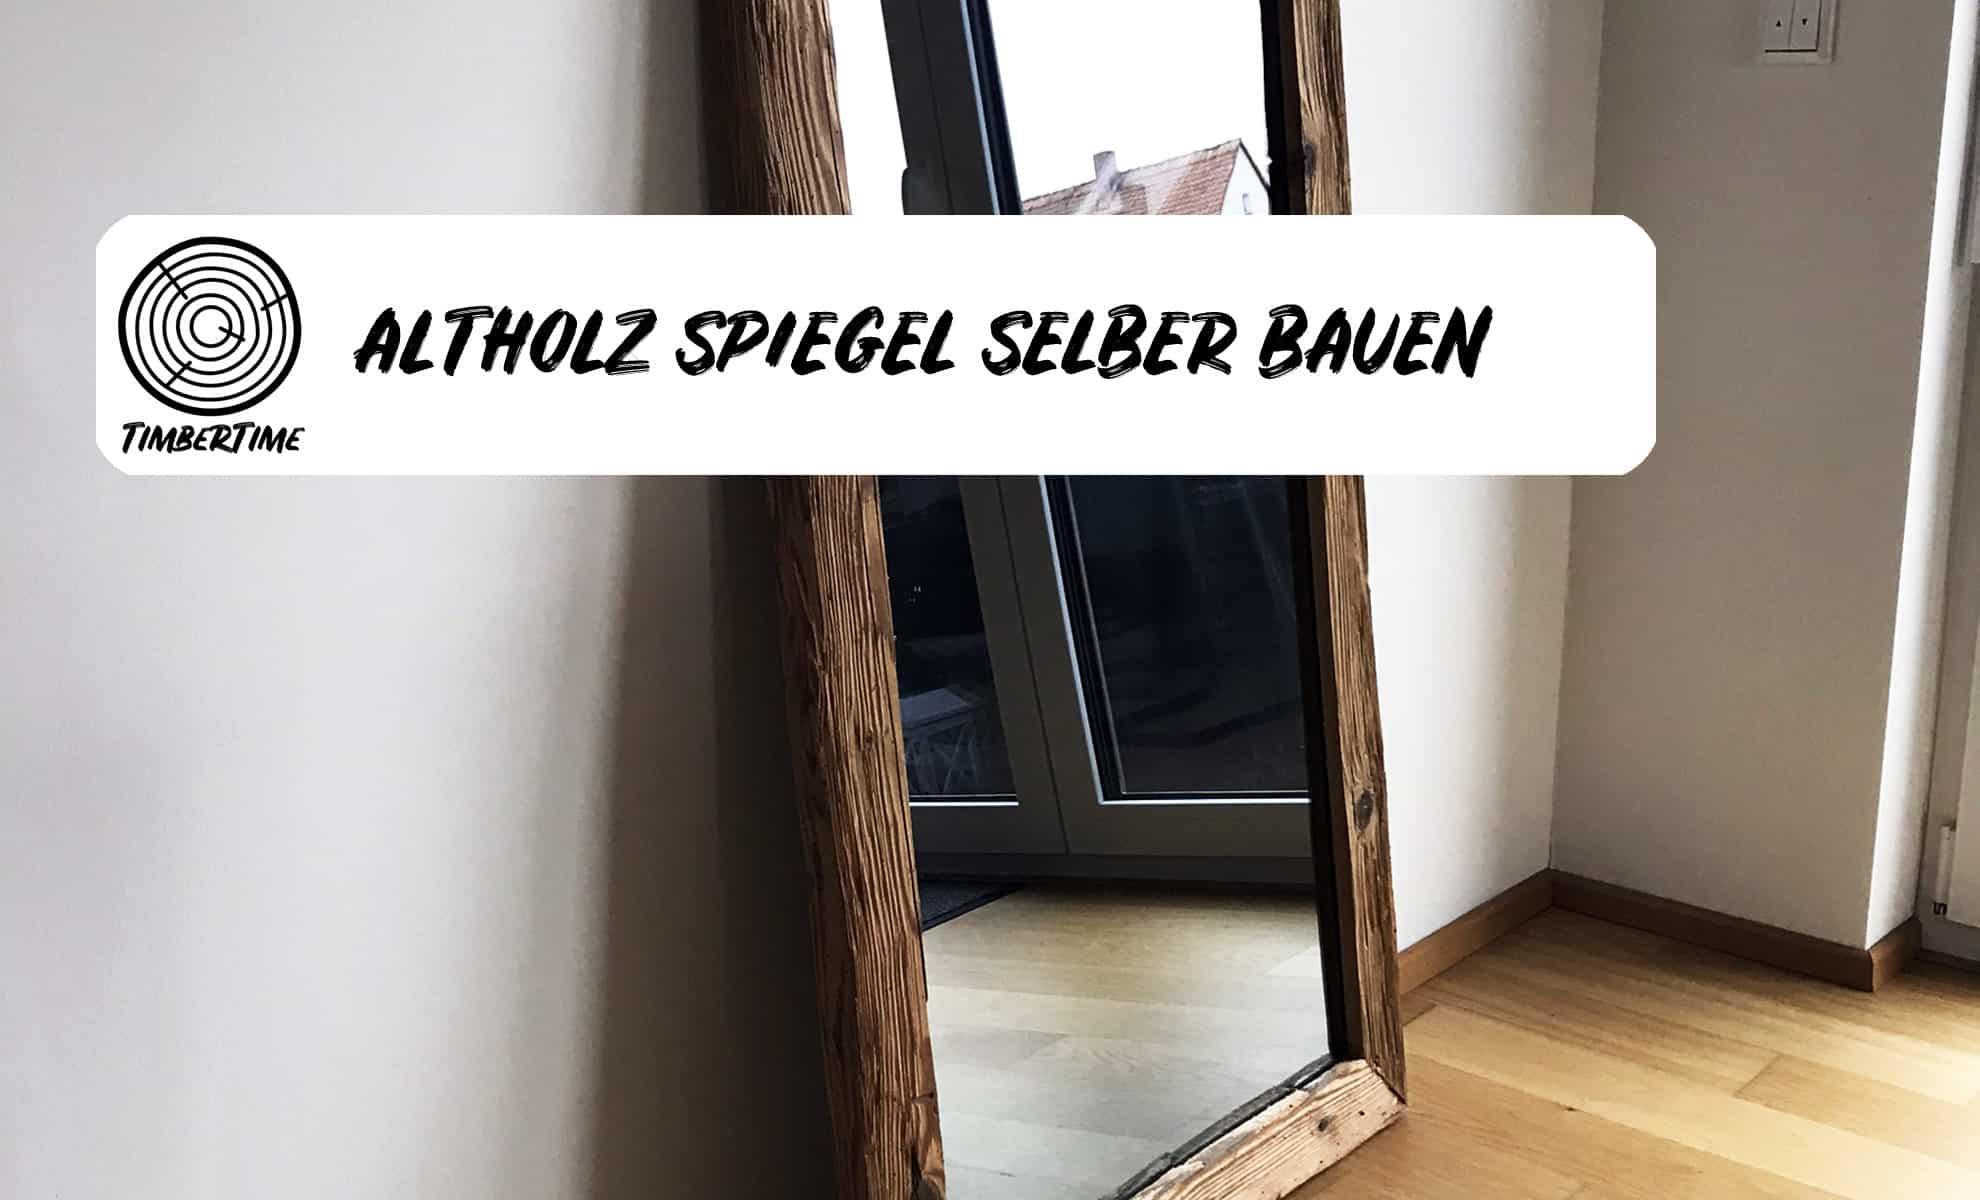 Altholz Spiegel selber bauen